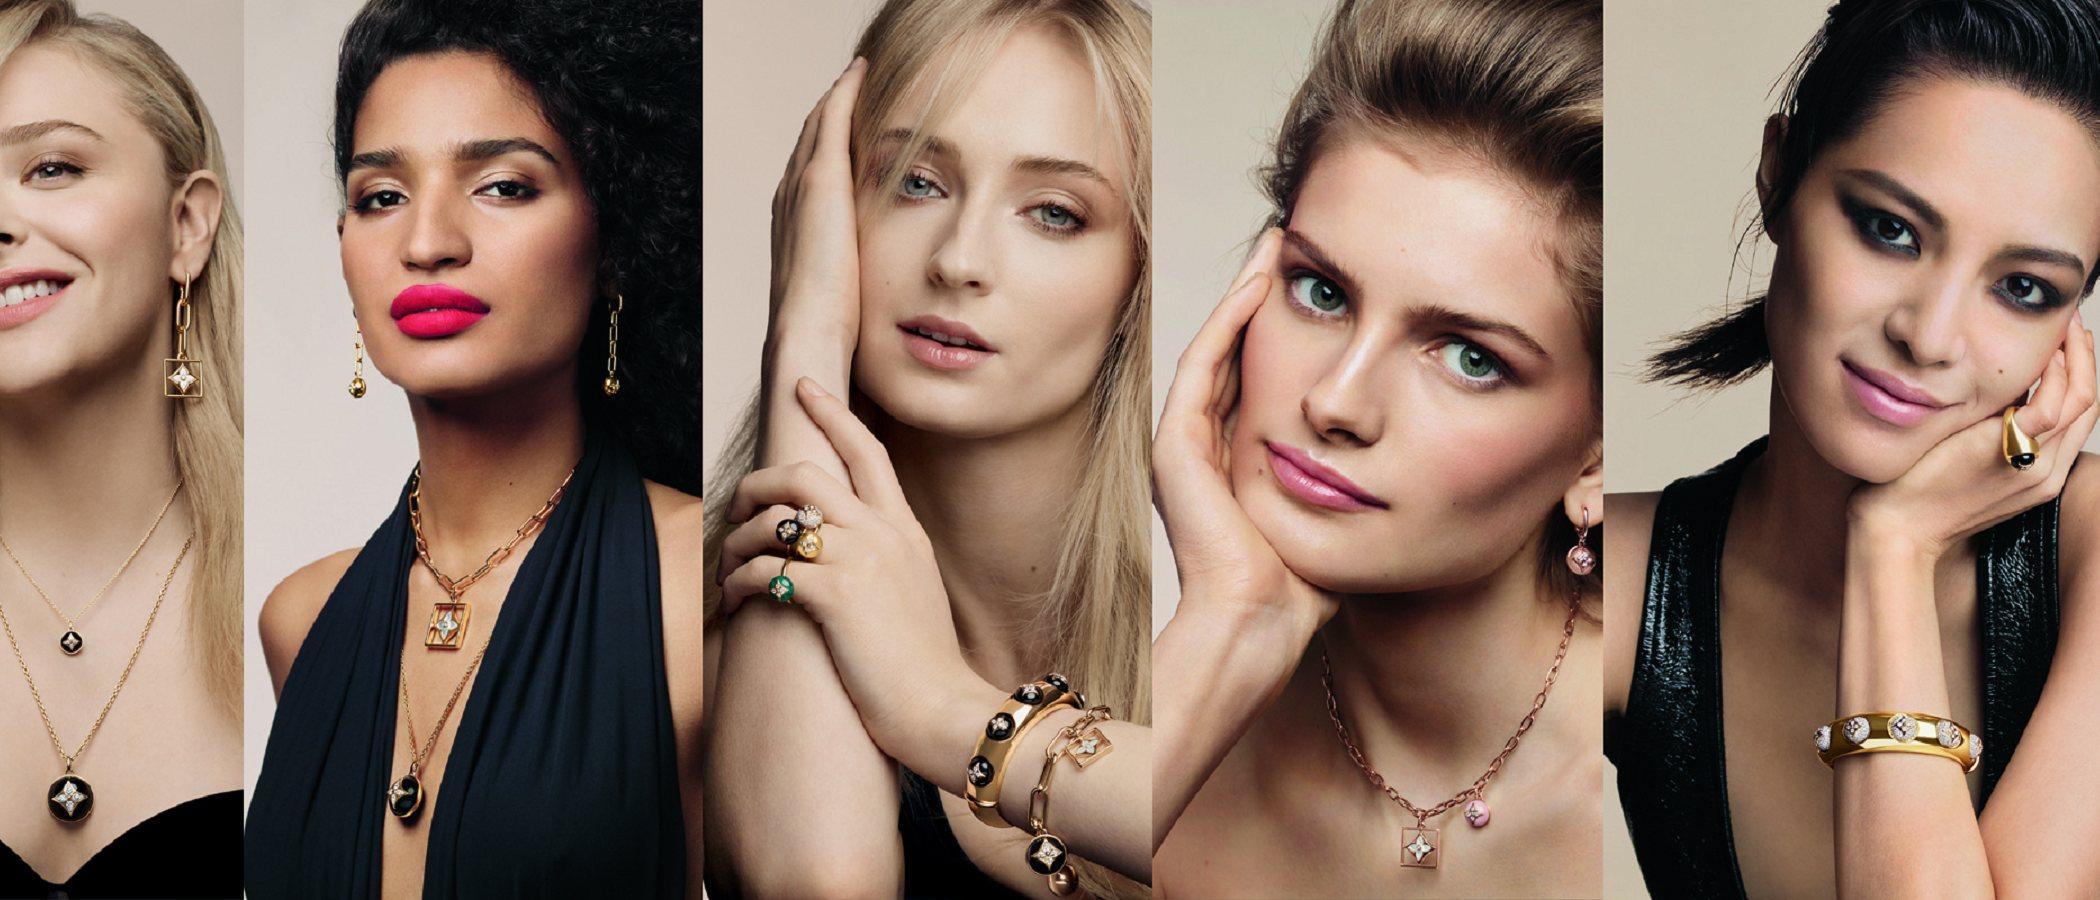 Louis Vuitton tiene a las cinco mujeres perfectas para su nueva colección de joyas de 2019